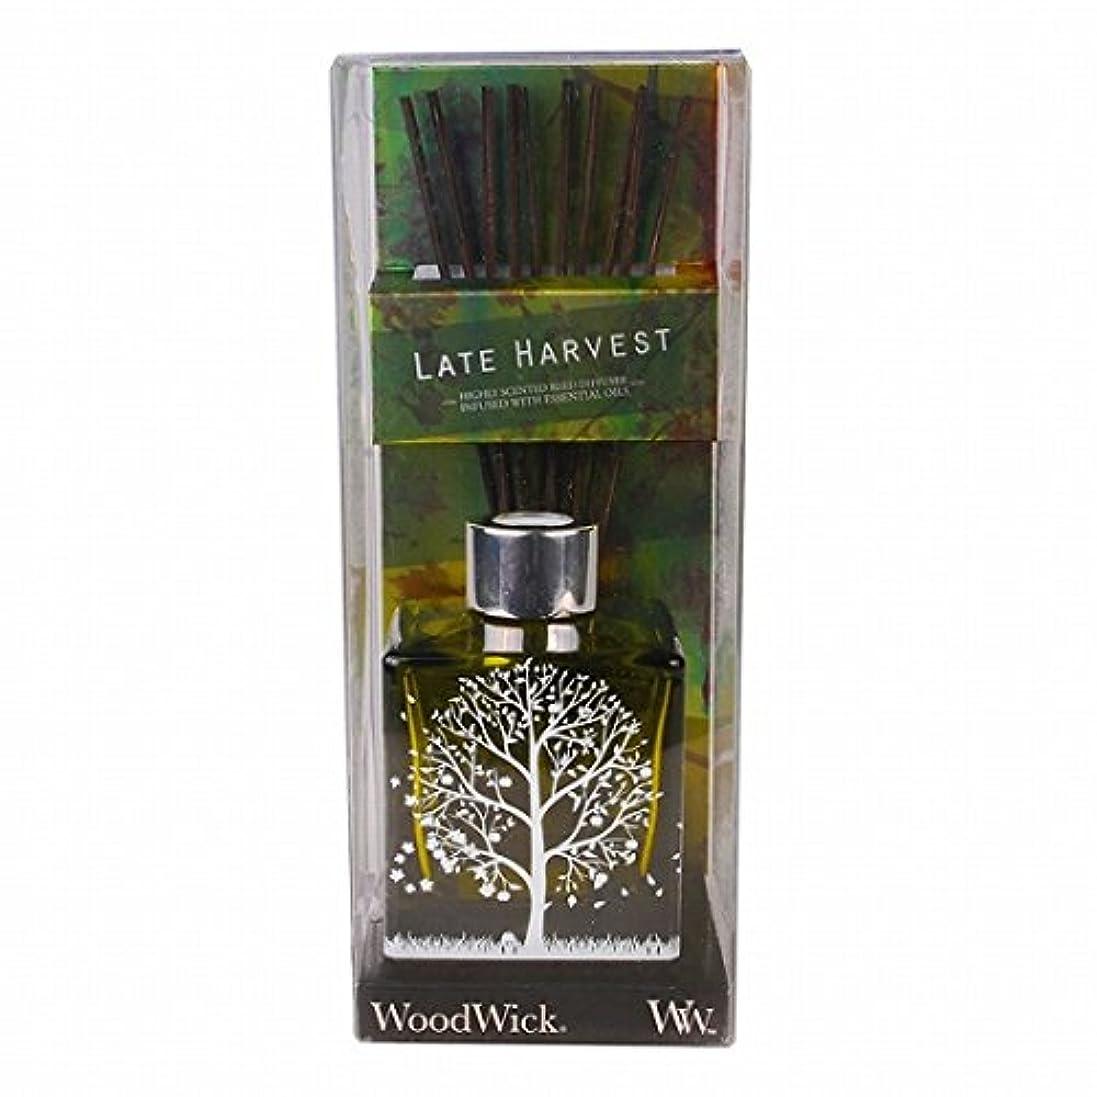 擁するベット補償ウッドウィック(WoodWick) Wood Wickダンシンググラスリードディフューザー 「 レイトハーベスト 」